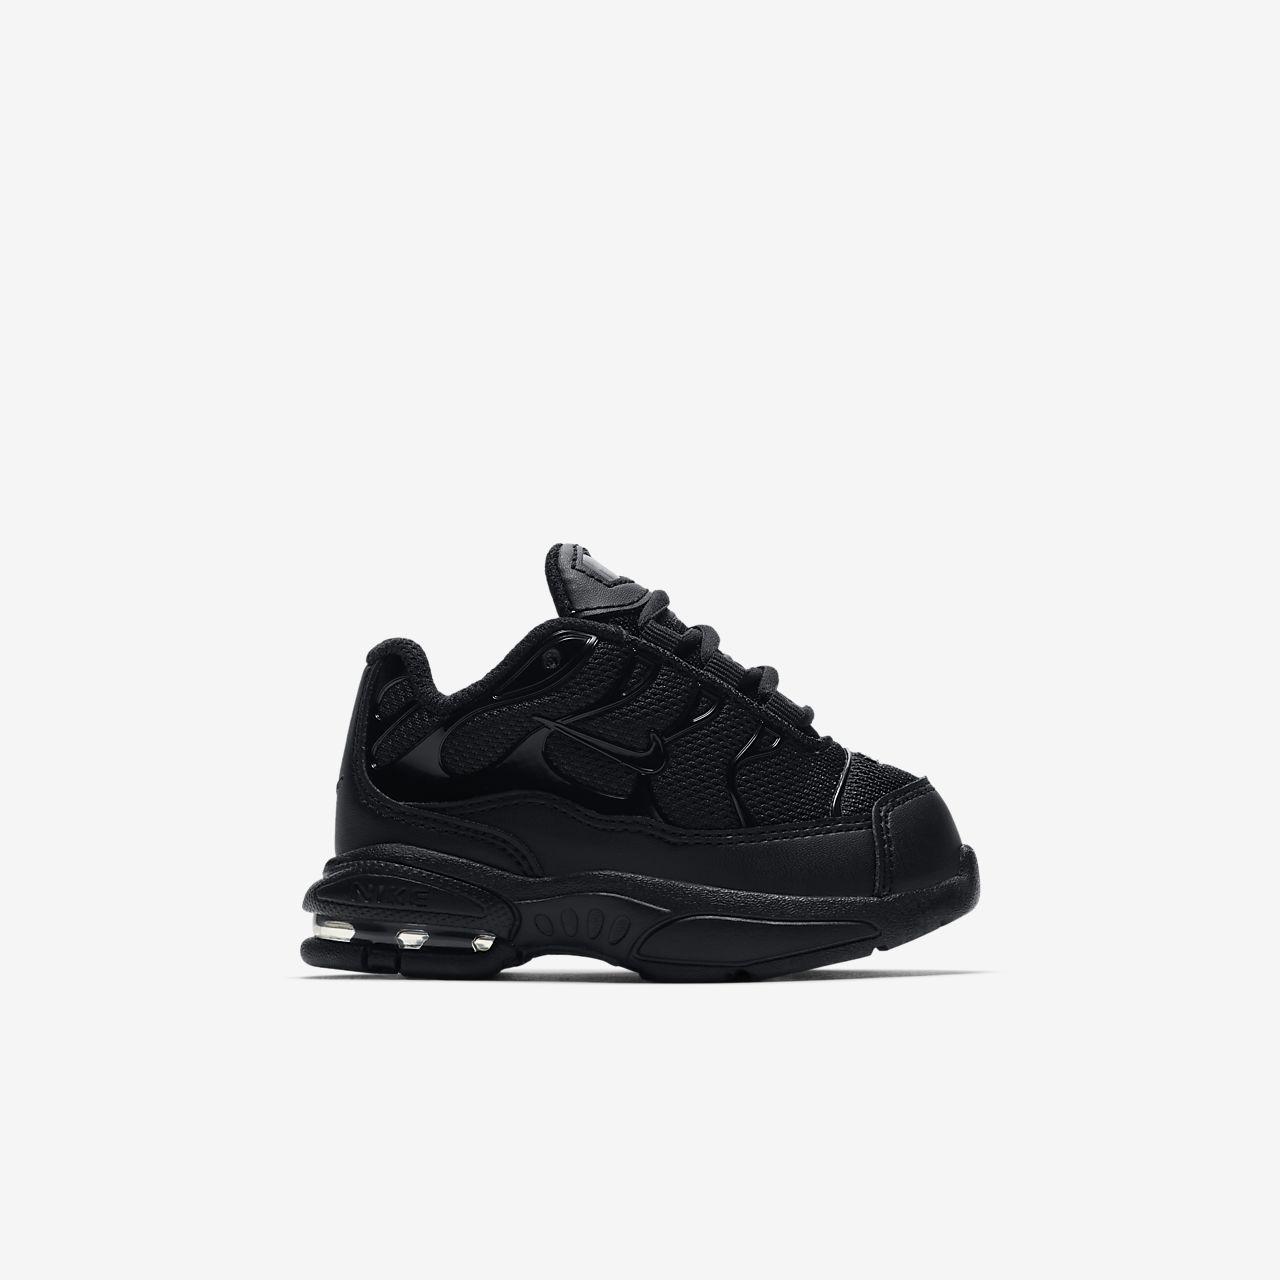 b3bdddd04a3ef Chaussure Nike Little Air Max Plus pour Bébé et Petit enfant. Nike ...